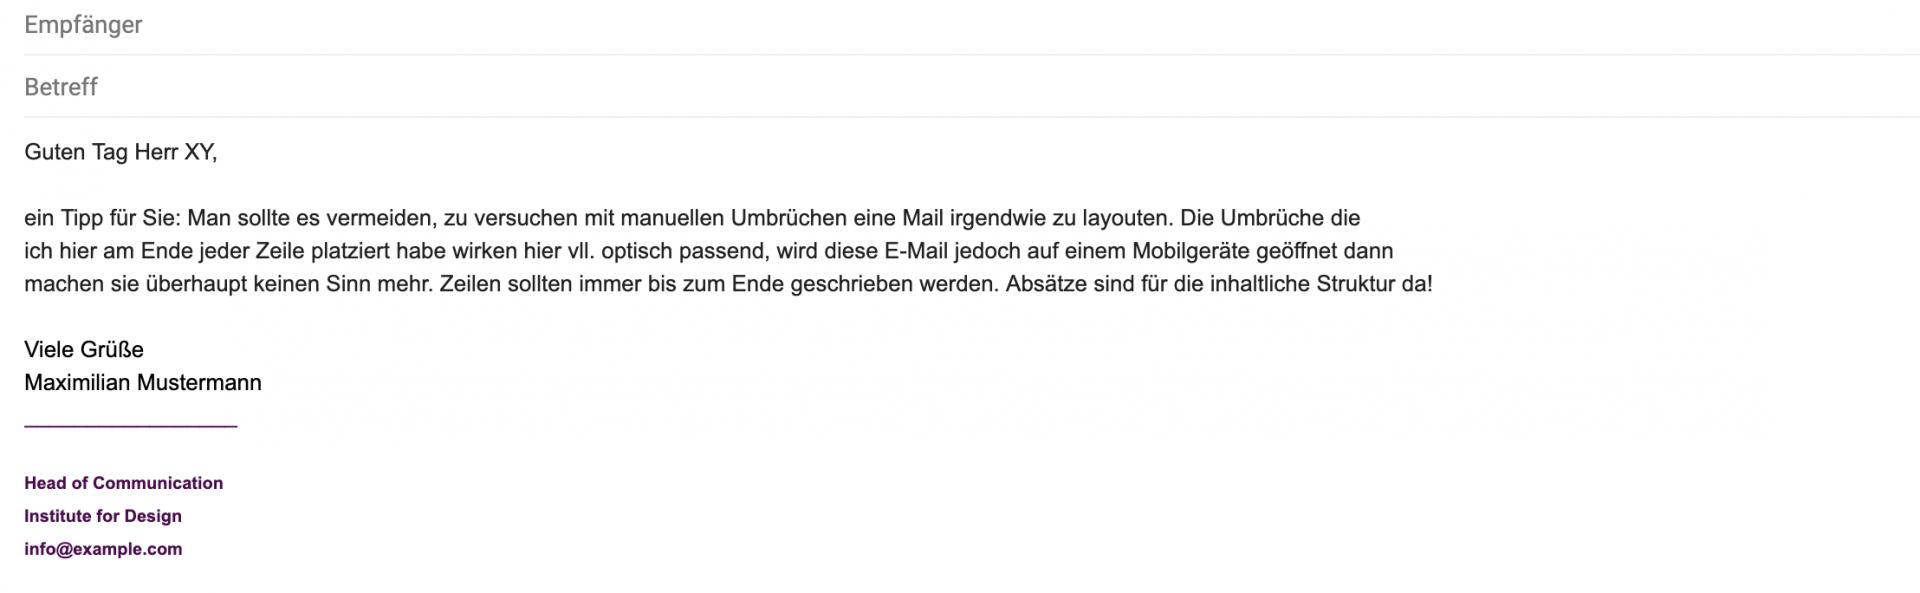 Vermeiden Sie layoutvesuche mti manus.ellen Zeilenumbrüchen in Ihren E-Mail